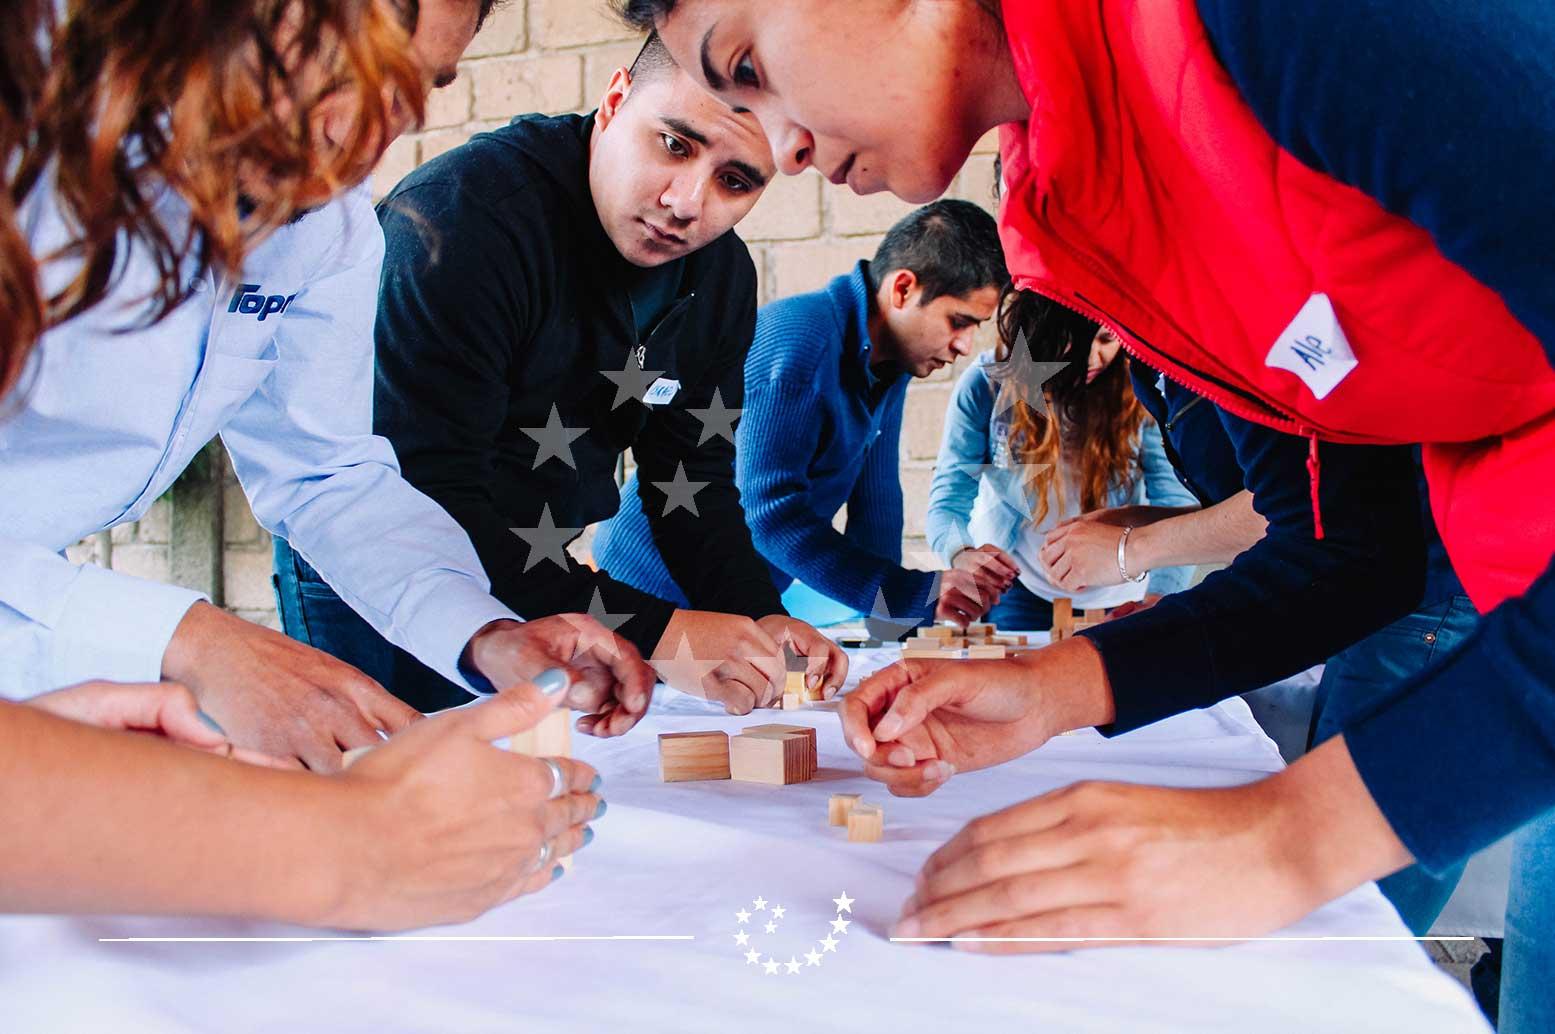 simulacro-de-comunicacion-y-team-building-de-integracion-5